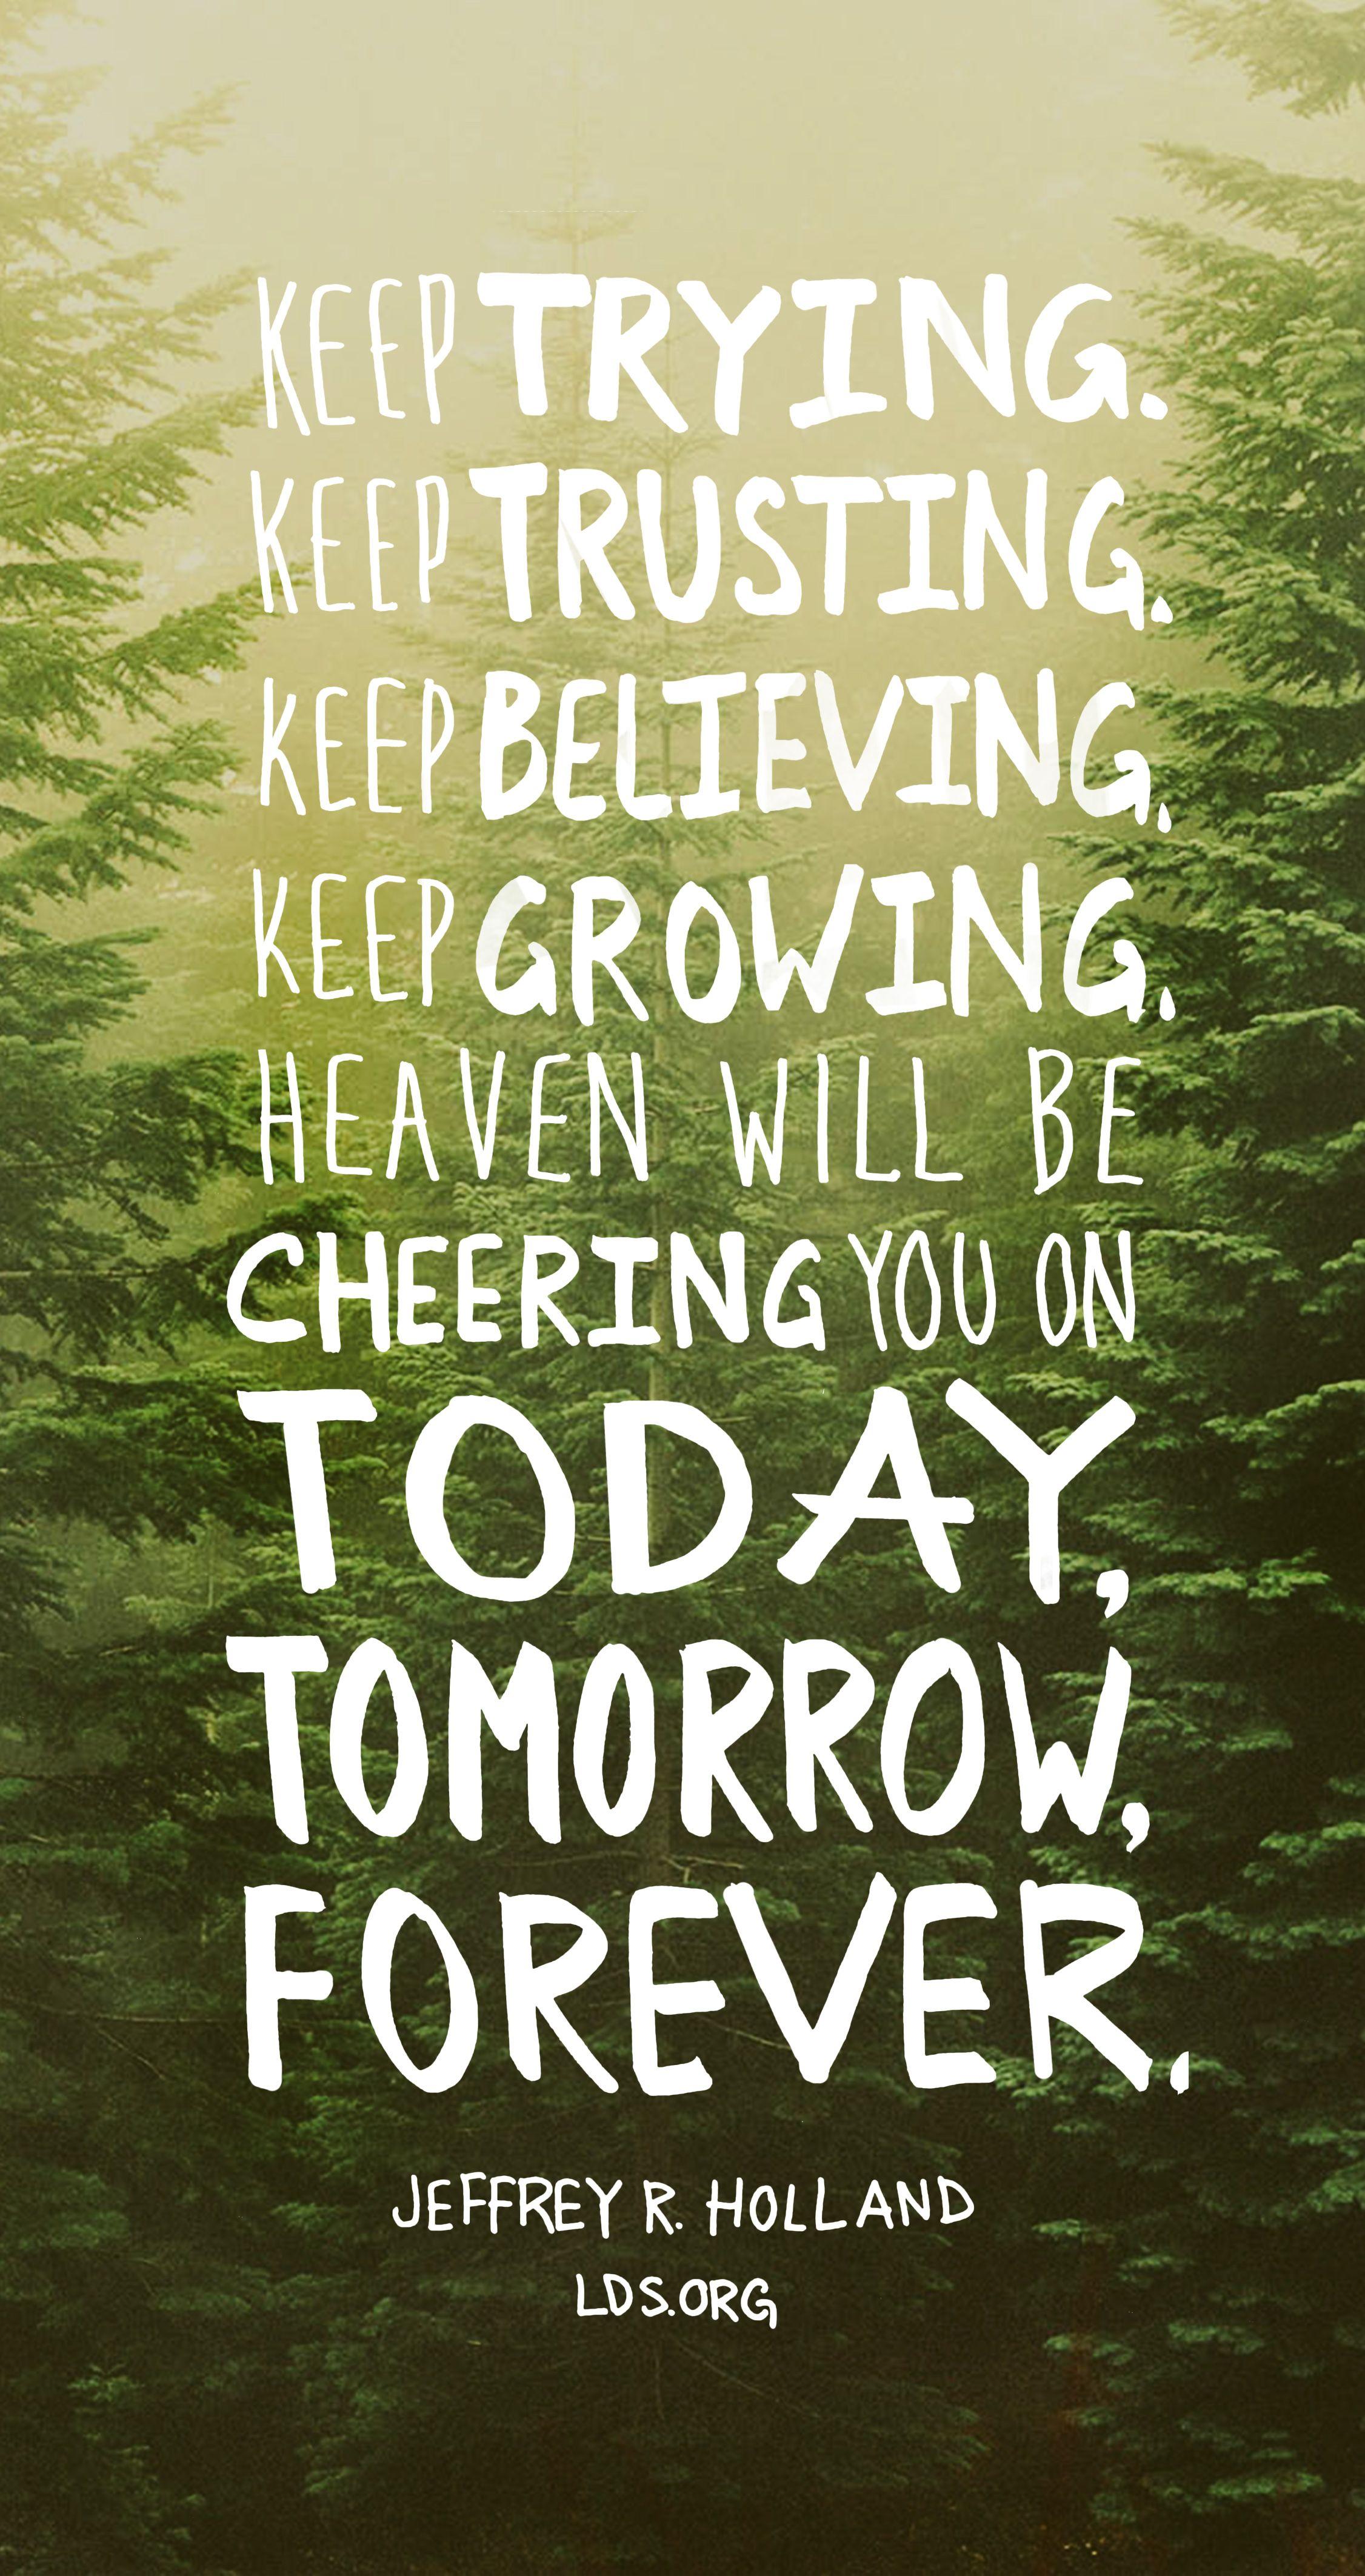 Keep trying. Keep trusting. Keep believing. Keep growing. Heaven ...